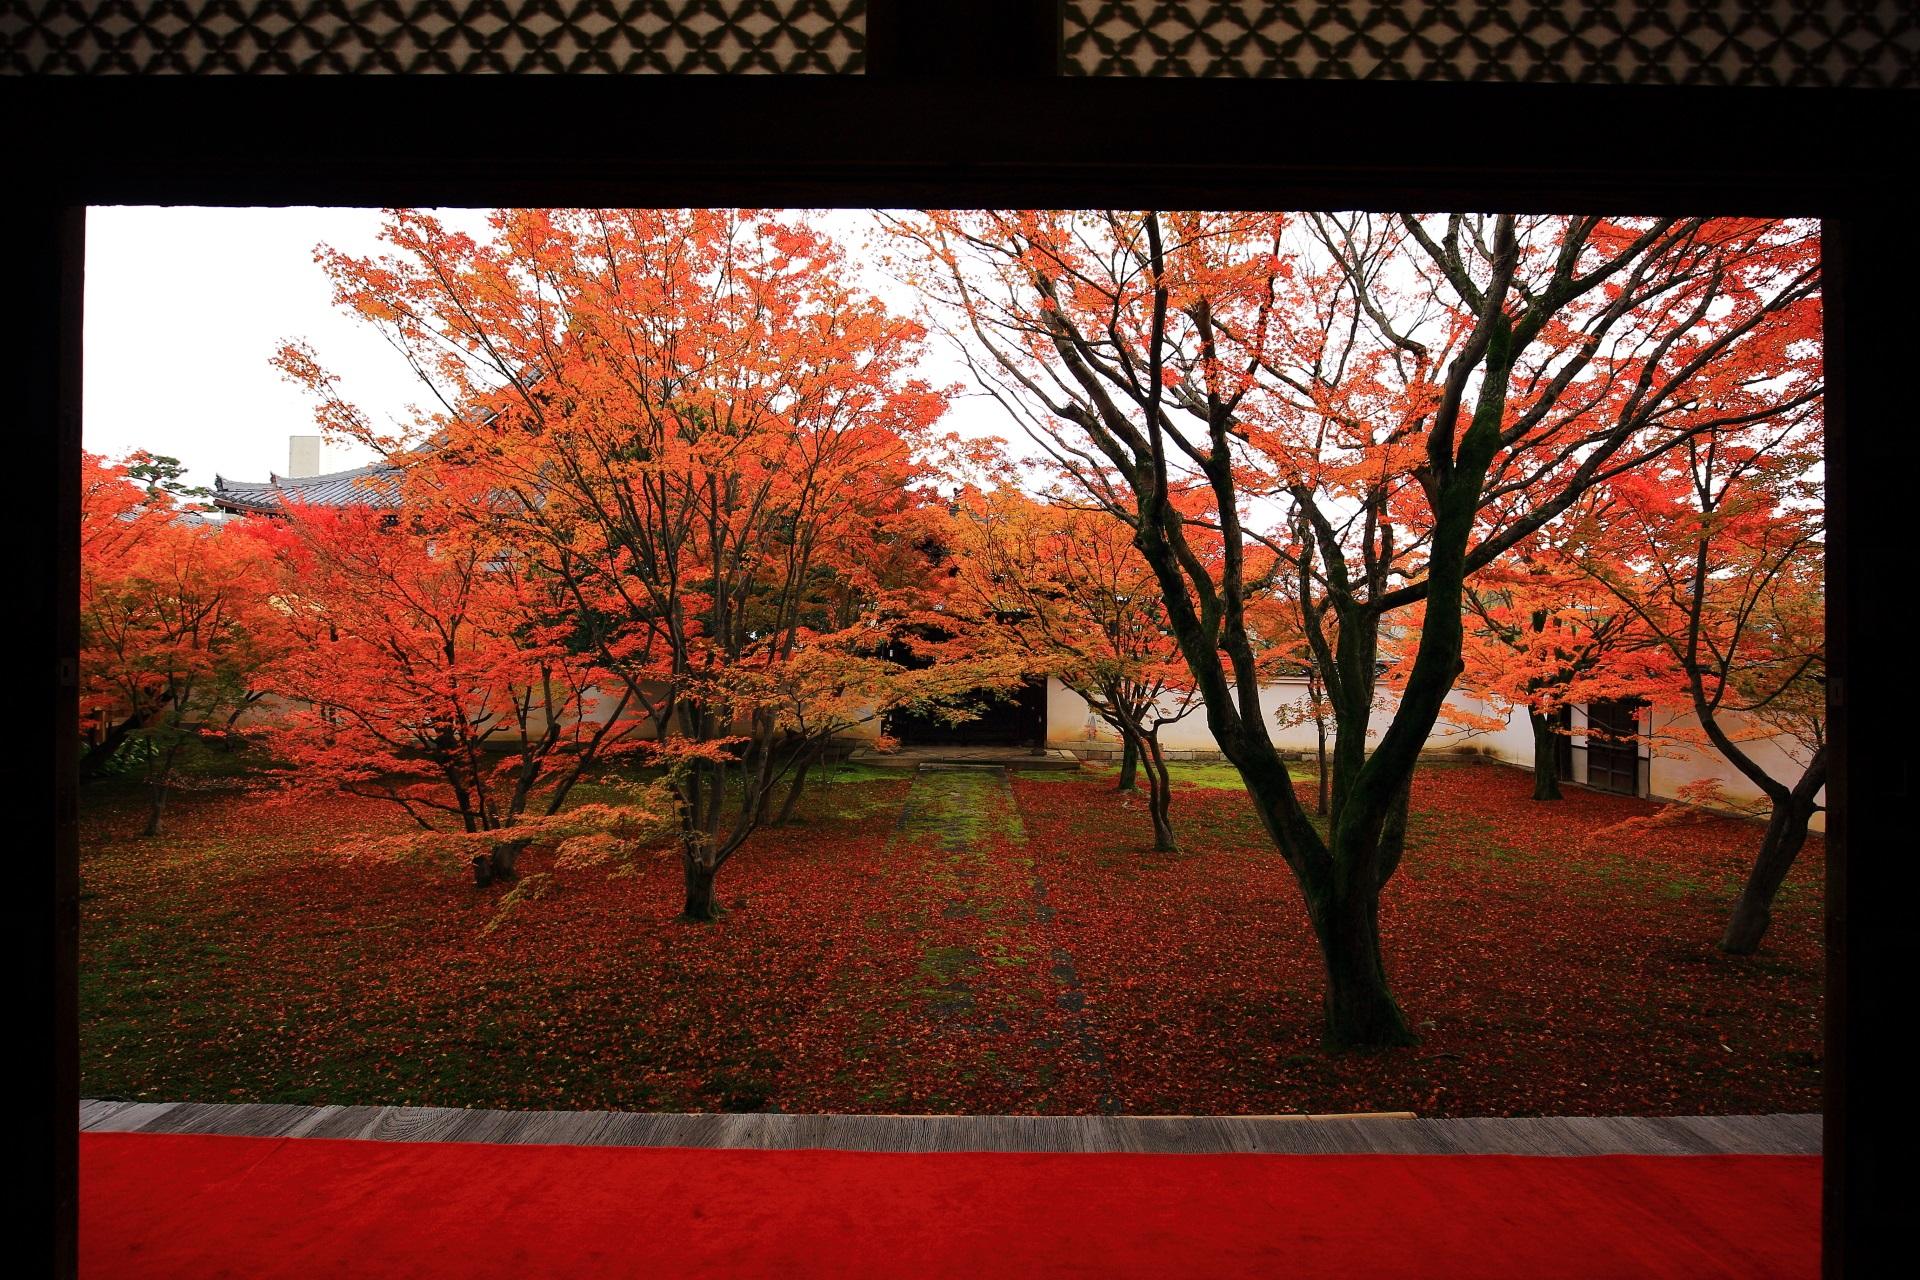 妙覚寺のしっとりとした紅葉につつまれる本堂前庭園